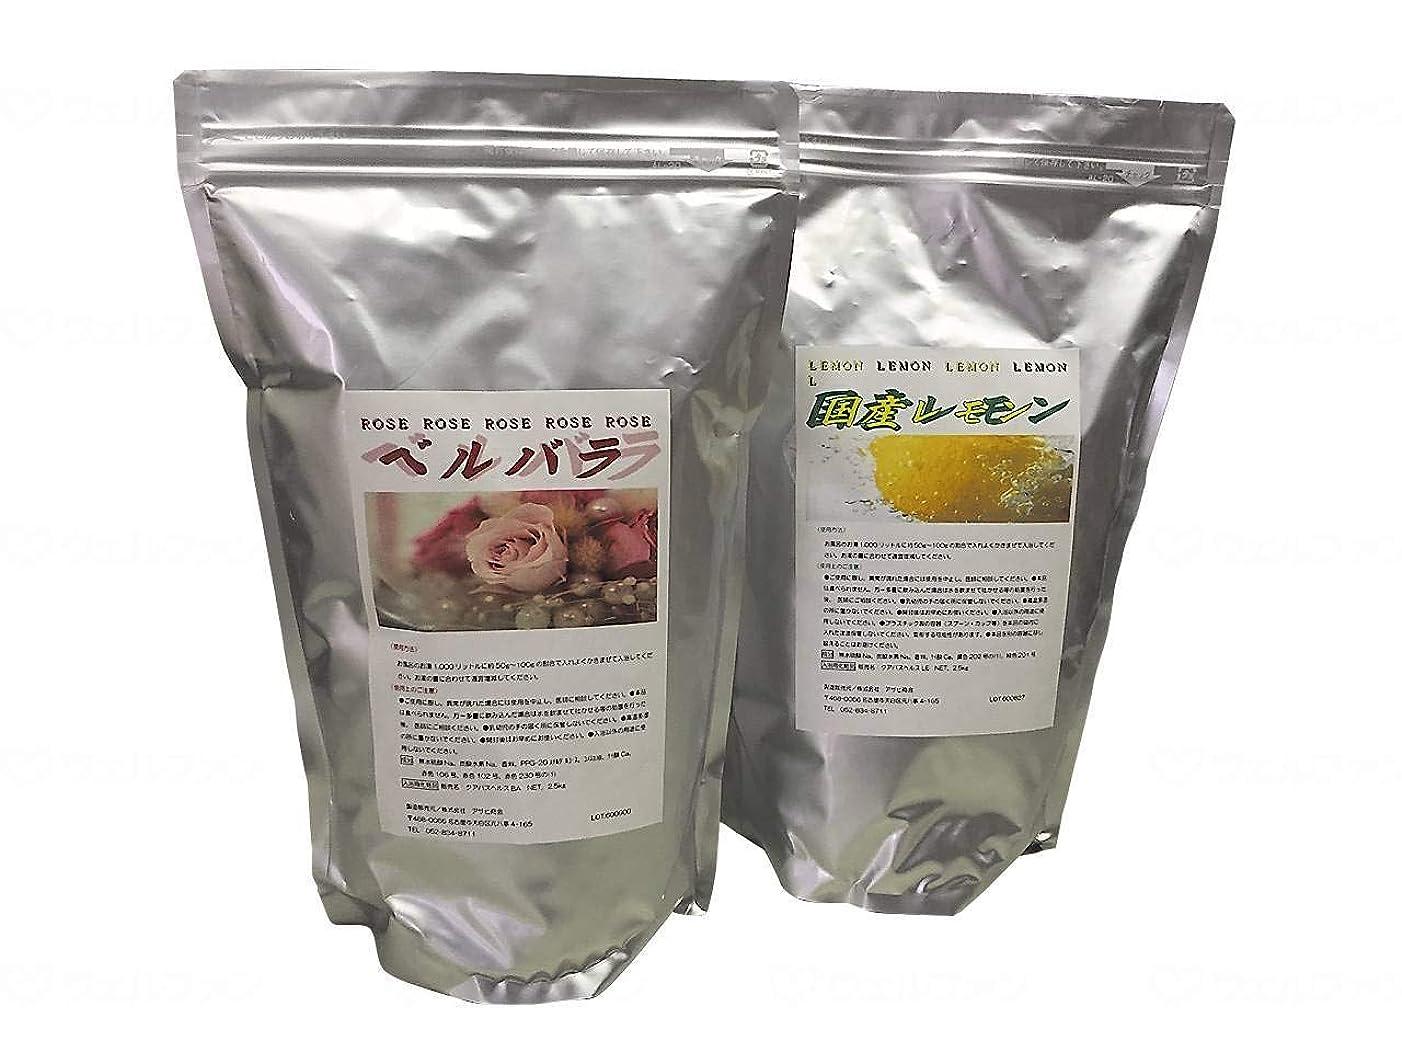 致命的なジェット空洞アサヒ商会 アサヒ入浴化粧品 国産レモン 1袋